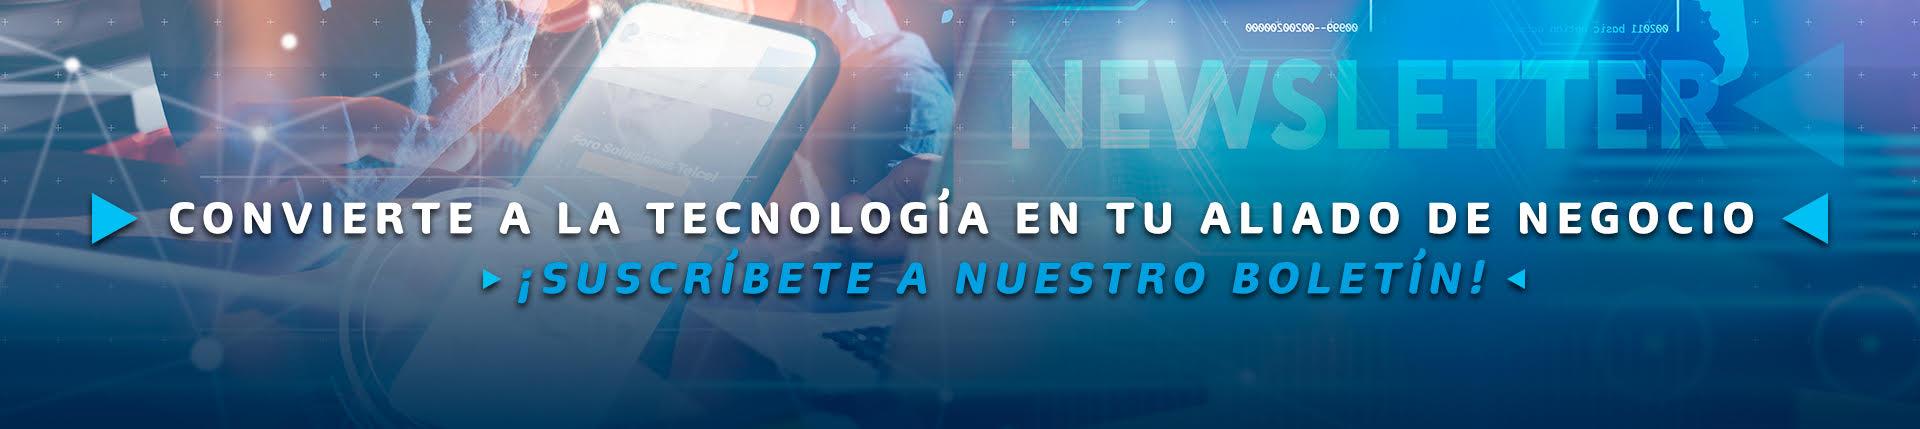 Banner suscríbete a nuestro boletín Soluciones Telcel.jpg